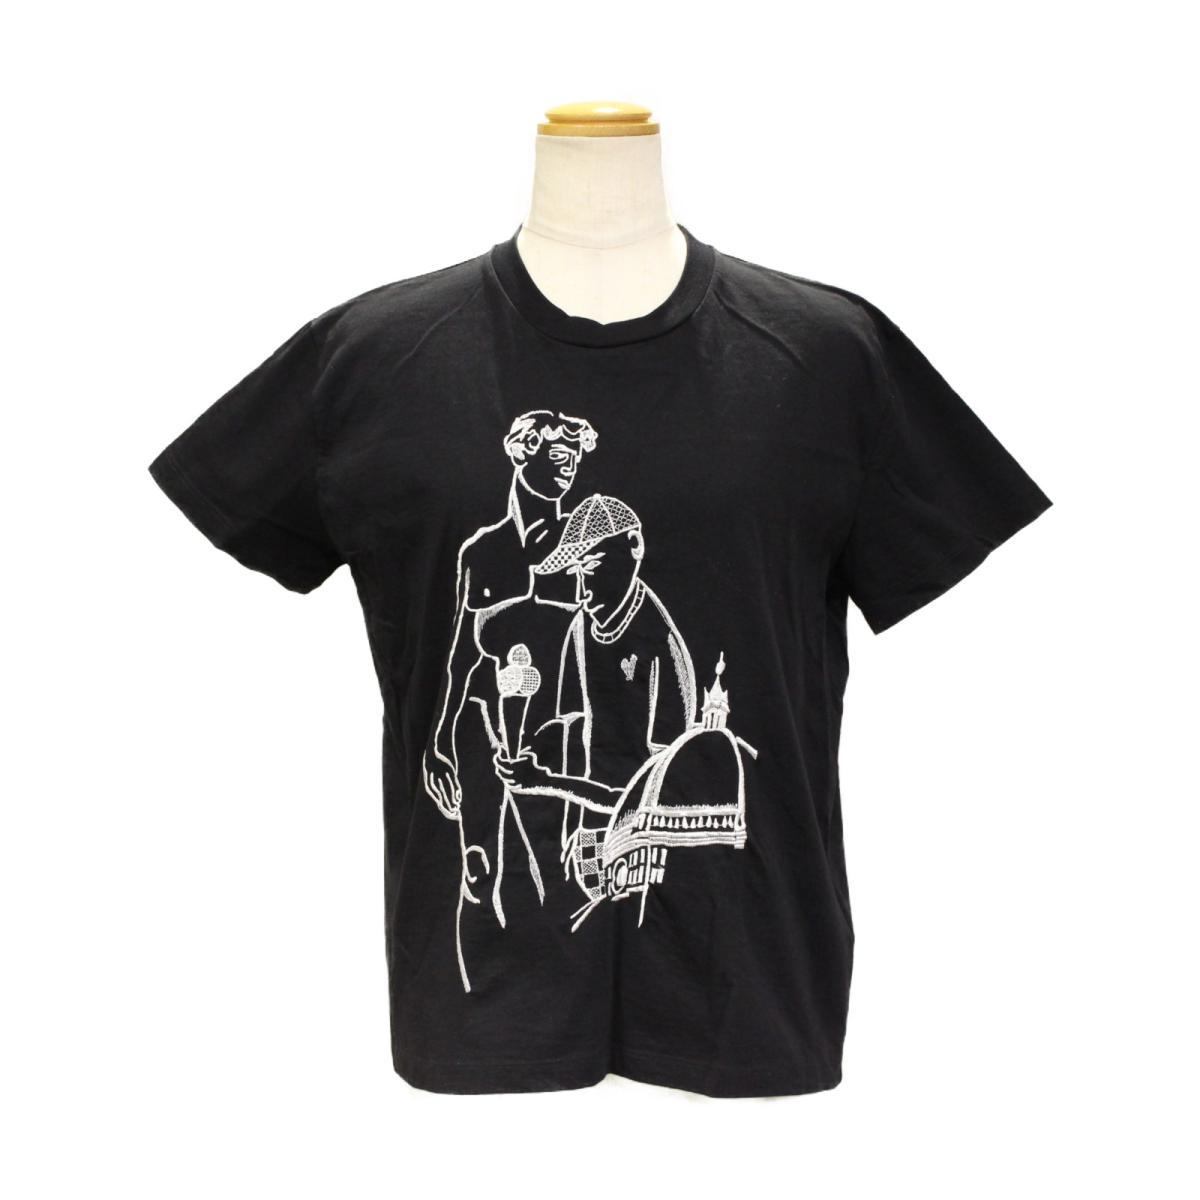 【中古】 エミリオ・プッチ Tシャツ レディース コットン100% ブラック | EMILIO PUCCI BRANDOFF ブランドオフ 衣料品 衣類 ブランド トップス シャツ カットソー